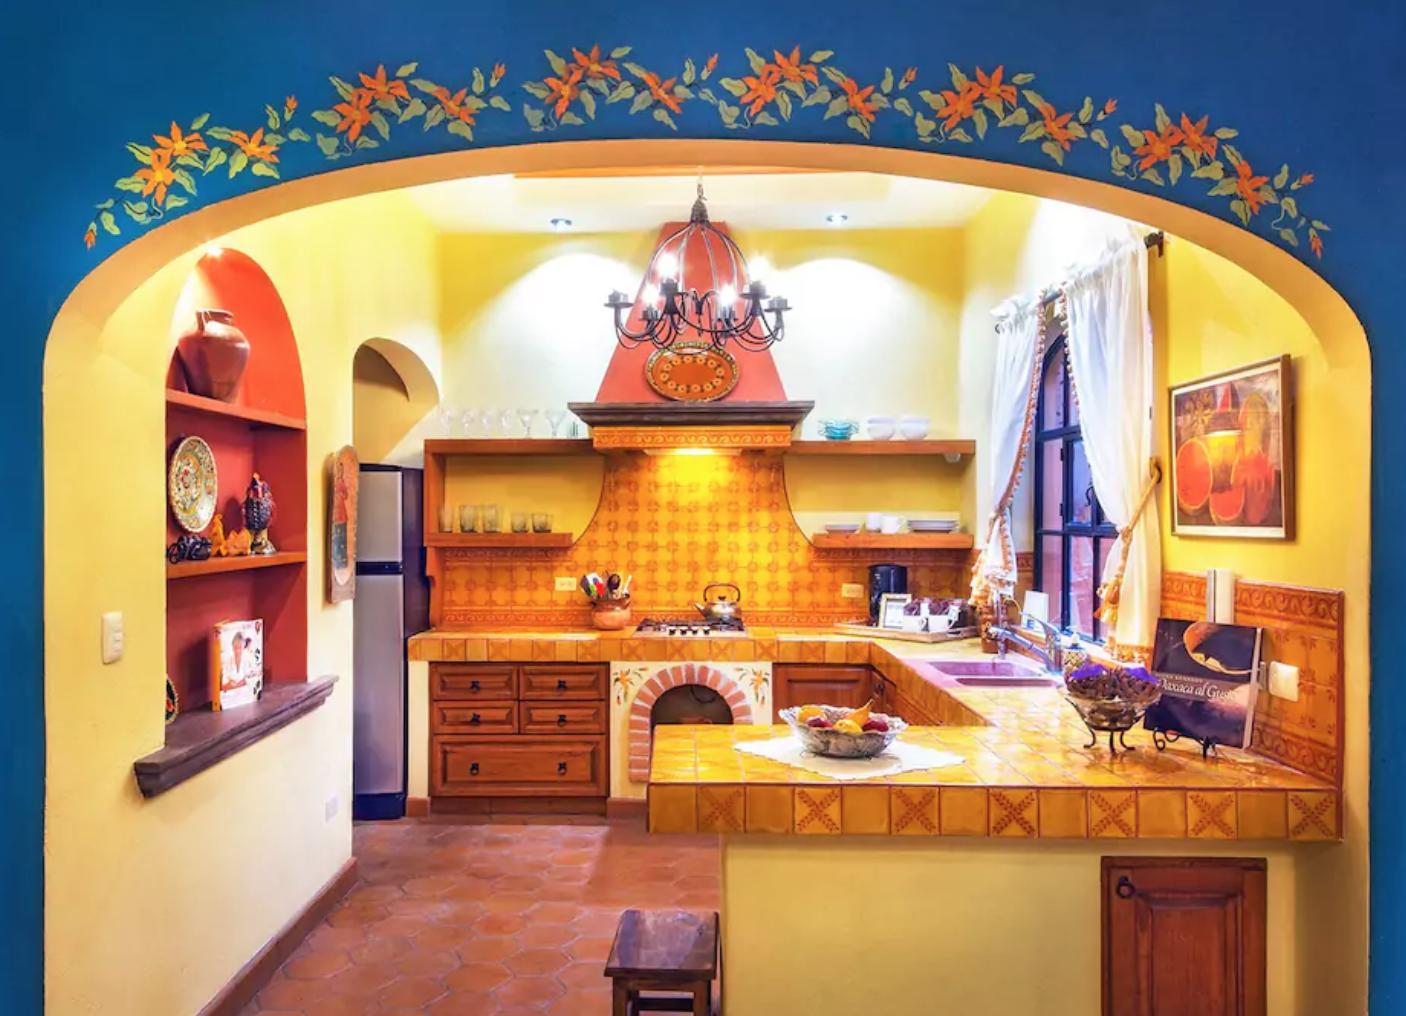 Cocina estilo mexicano con cerámica talavera | Casas e Ideas | Pinterest